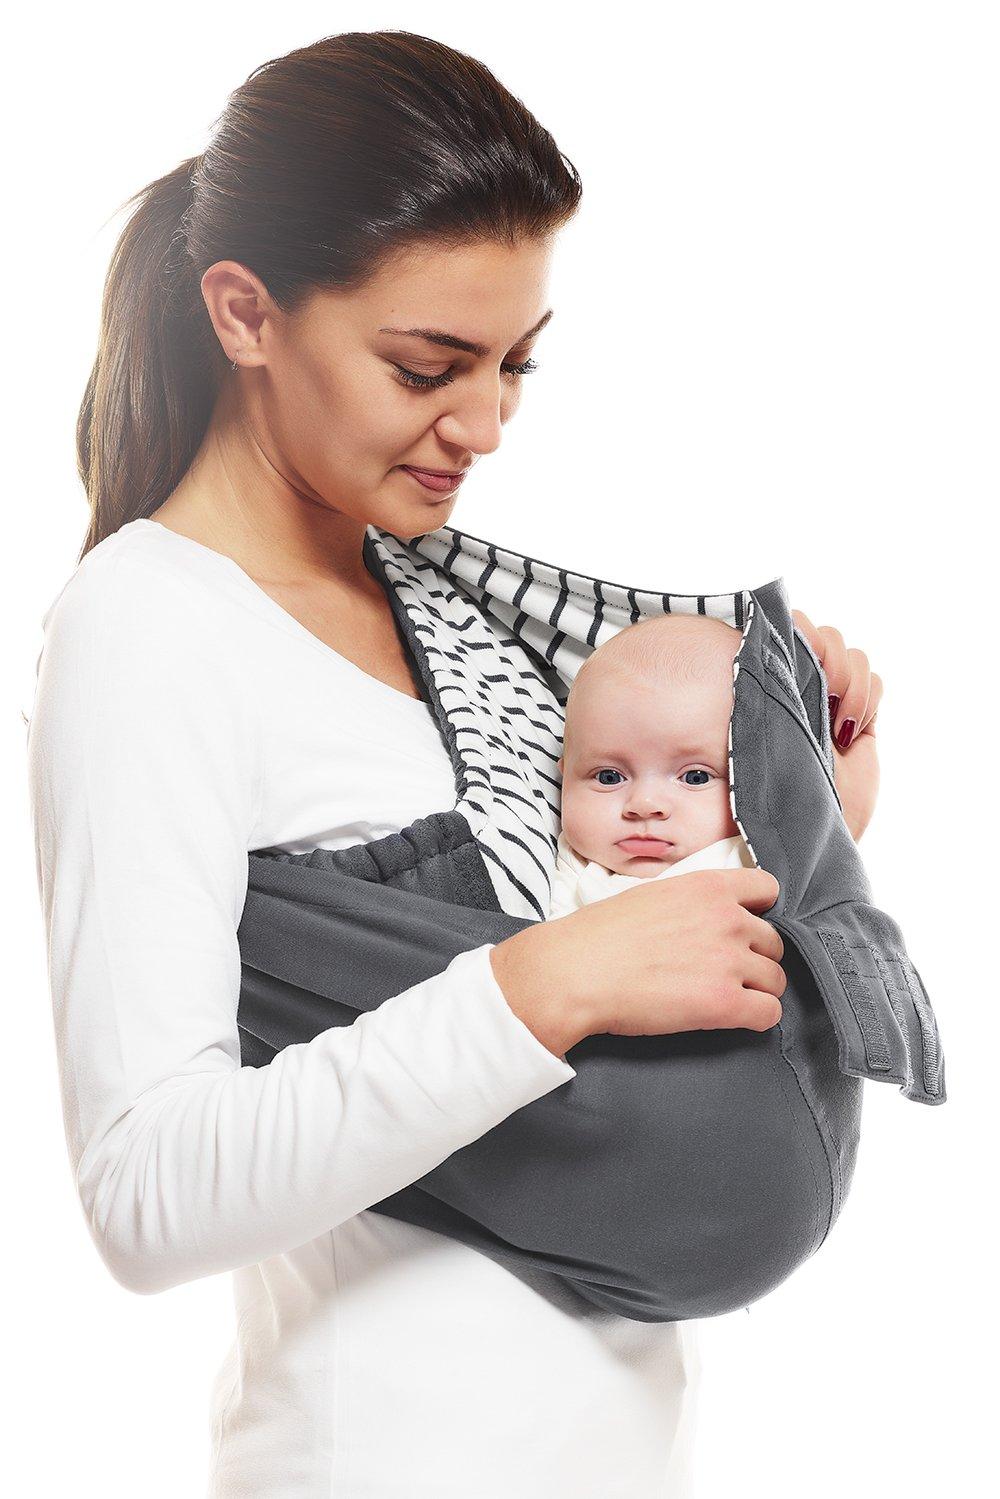 F/ür Neugeborene und Babys bis 15 kg Weich 100/% Baumwolle Farbe: Silber Ergonomische Babytragetuch Wallaboo Baby Tragetuch Connection Atmungsaktiv Passt sich der Form Ihres Baby genau an